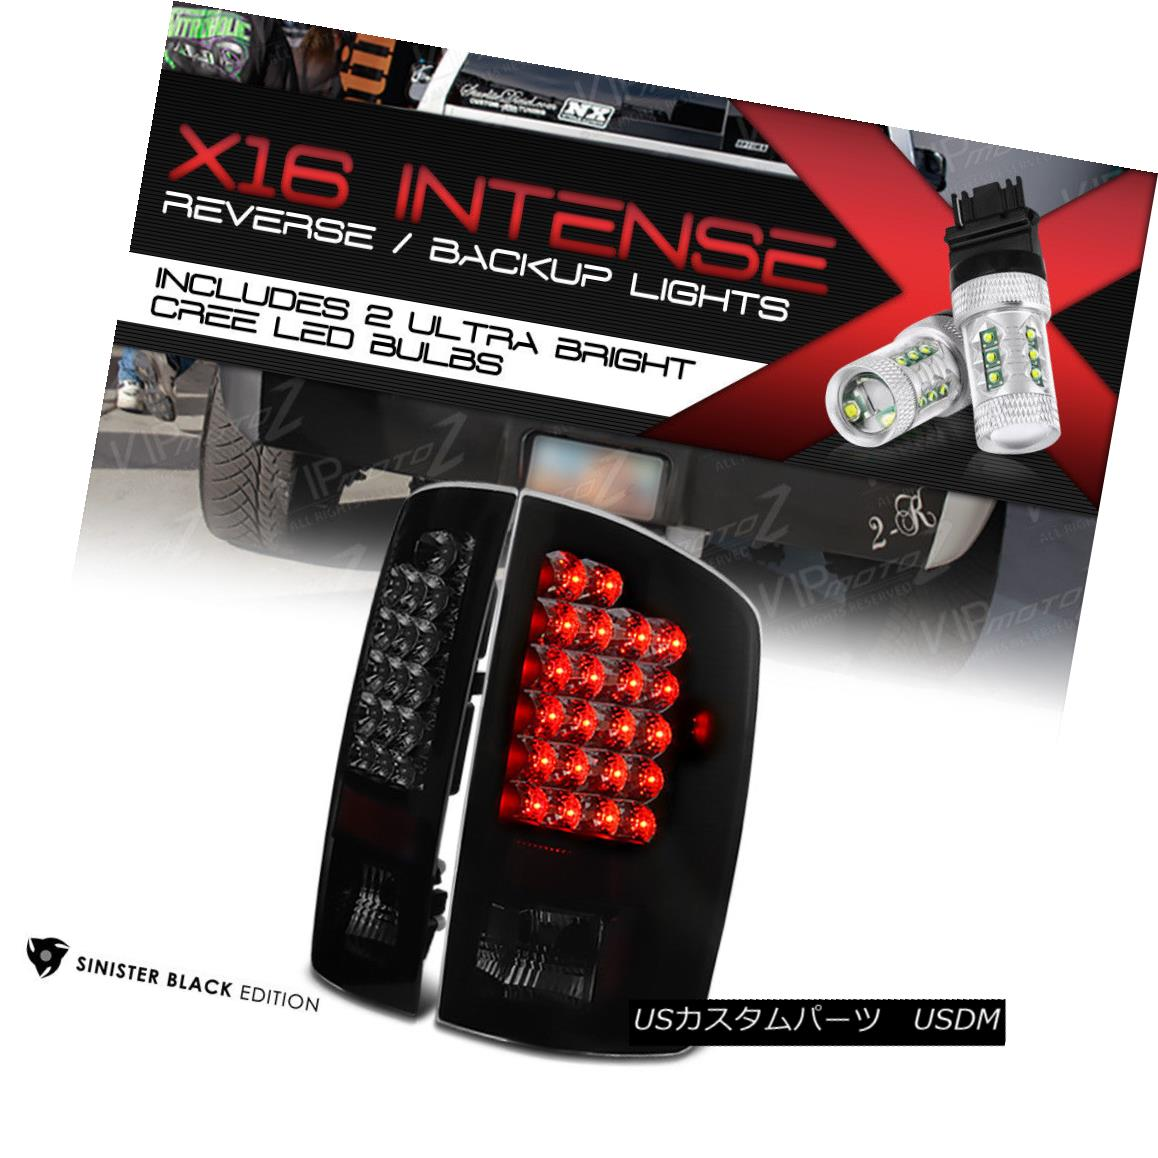 テールライト [HIGH-POWER SMD REVERSE] 2002-2006 Dodge Ram [SINISTER BLACK] LED Rear Taillight [HIGH-POWER SMD REVERSE] 2002-2006 Dodge Ram [SINISTER BLACK] LEDバックライト